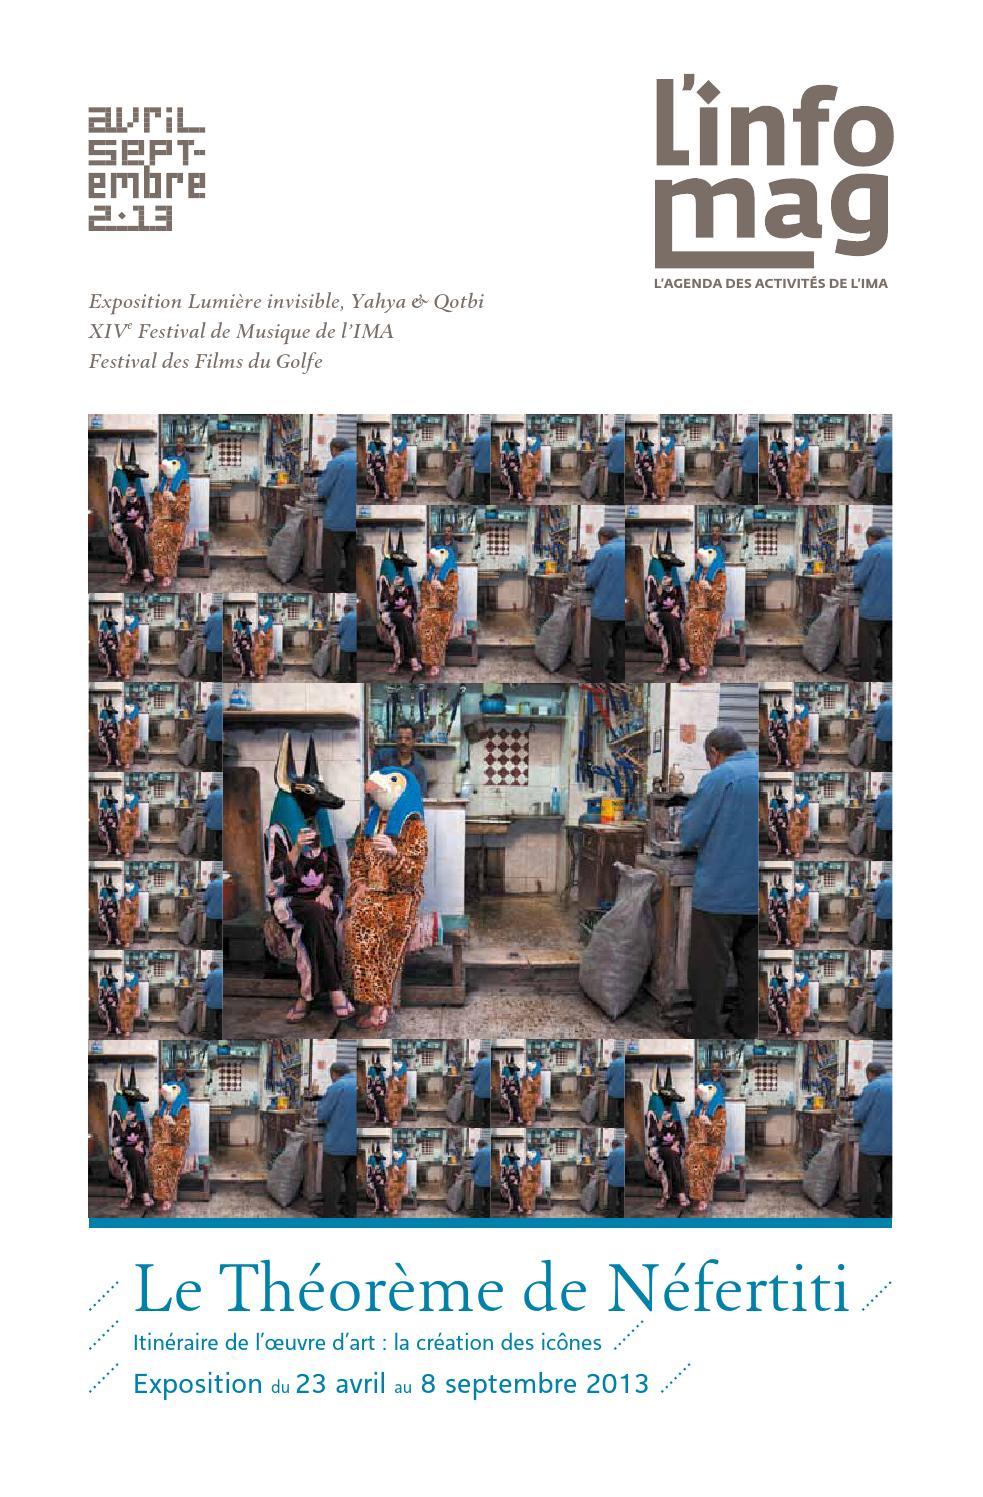 LInfomag 2013 By Institut Du Monde Arabe